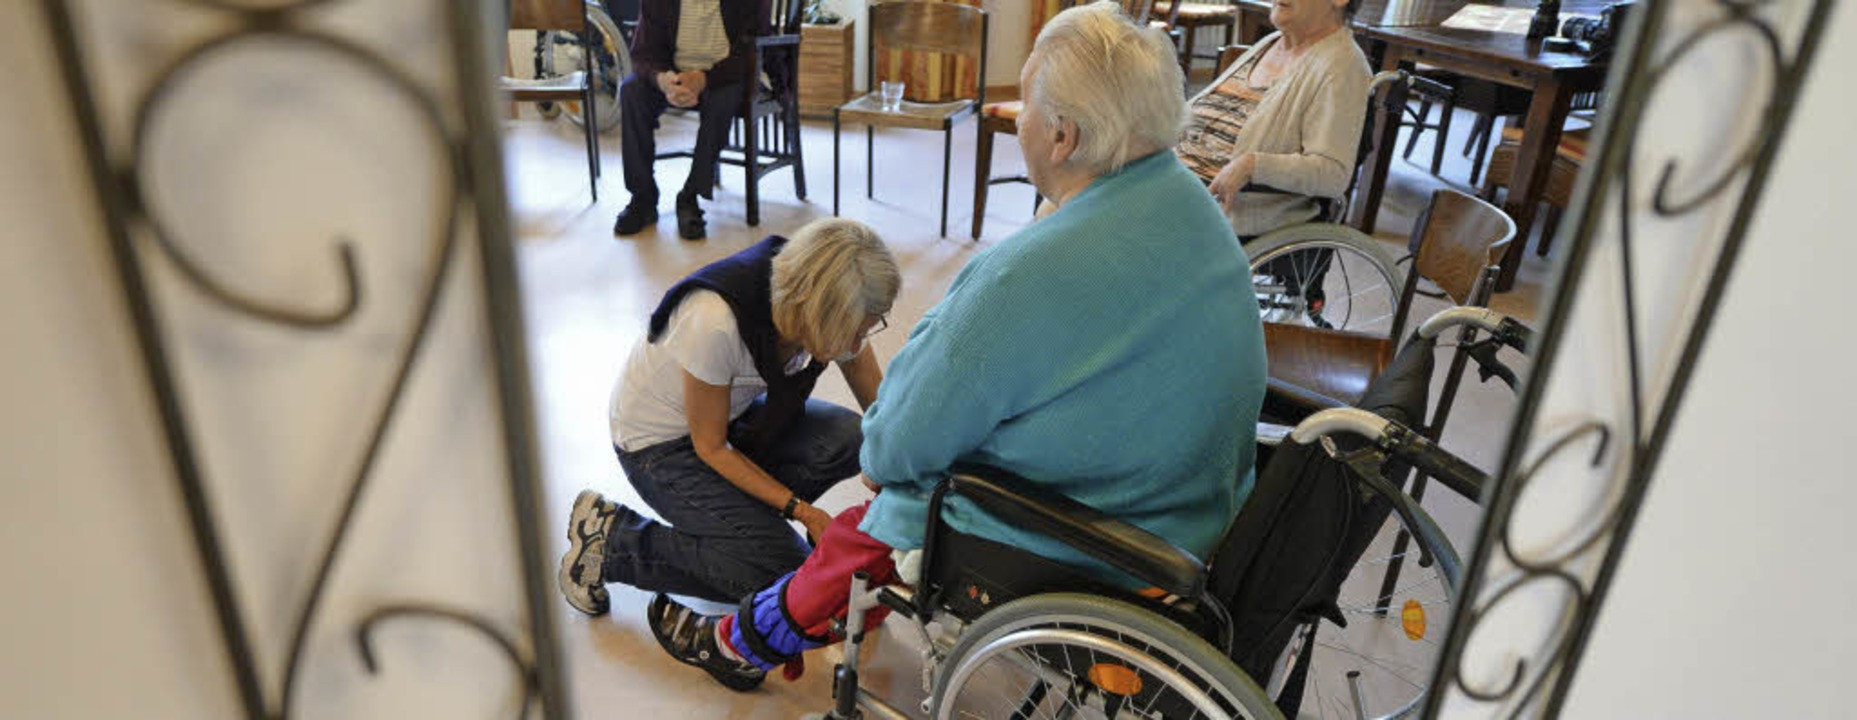 Die Rentenversicherung verlangt Abgabe...reiberufliche Pflegekräfte einsetzen.     Foto: DPA